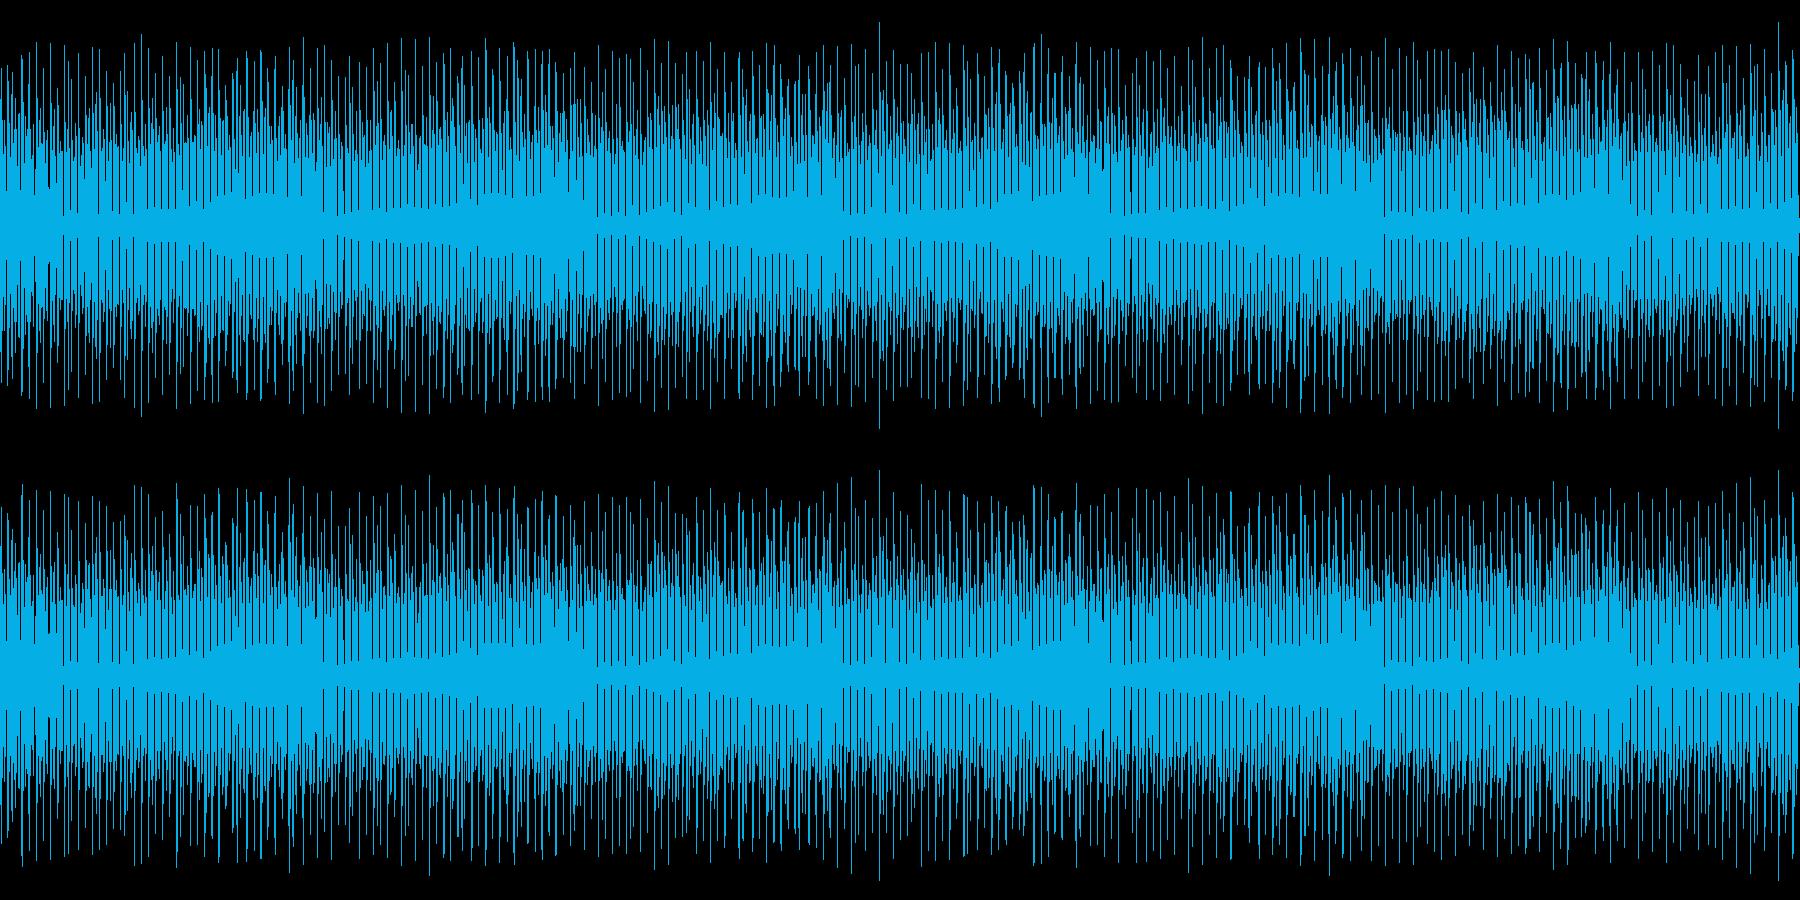 【楽しげでコミカルなポップス】の再生済みの波形